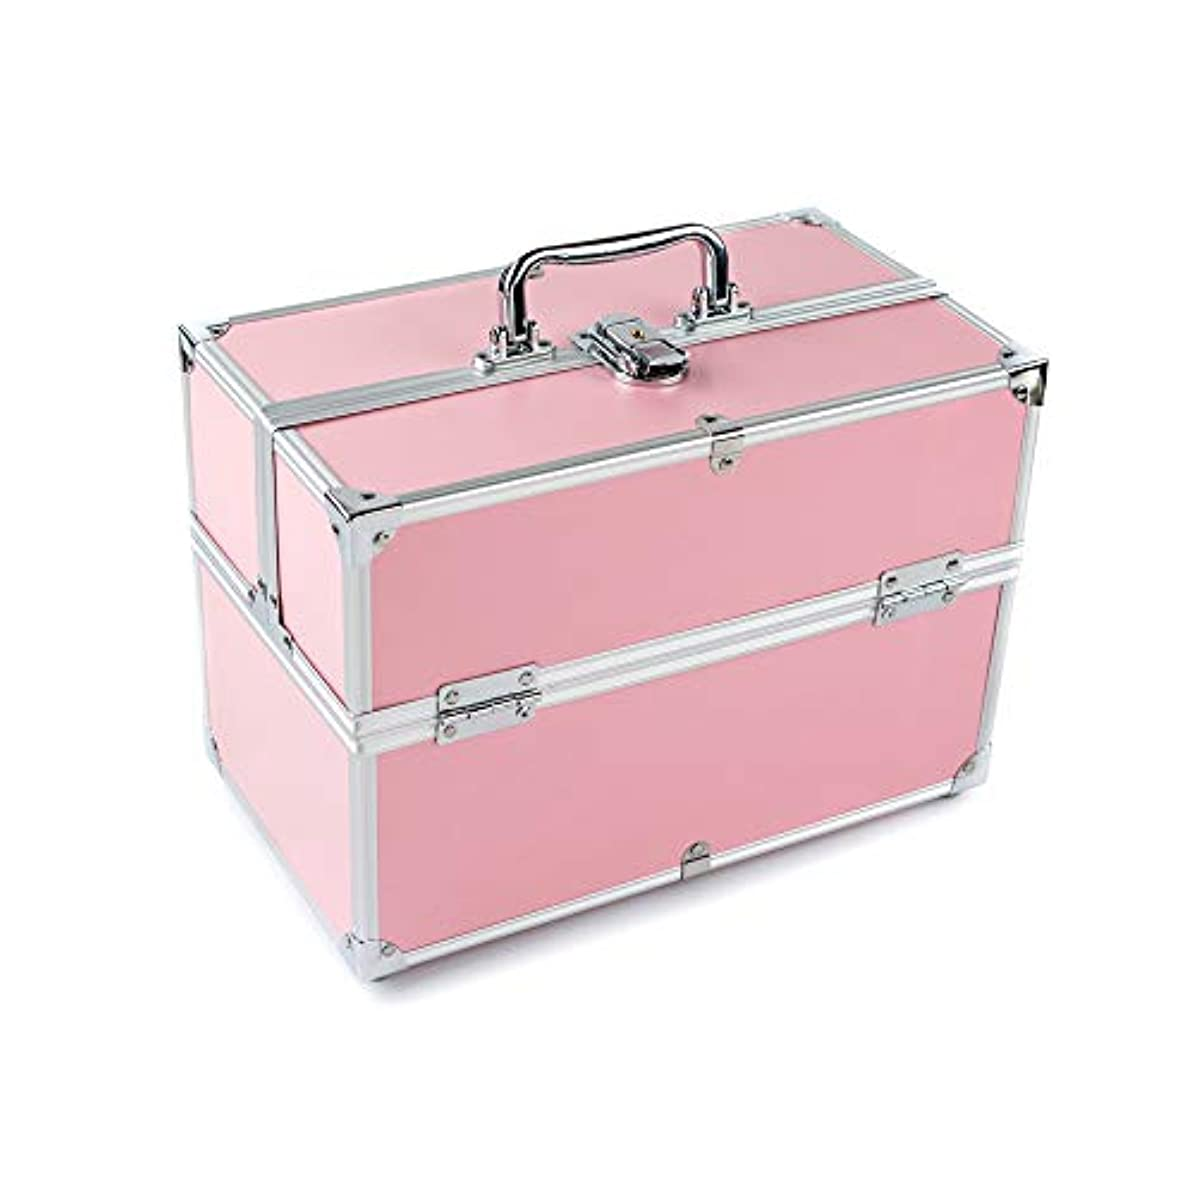 体操選手複数化学者特大スペース収納ビューティーボックス 美の構造のためそしてジッパーおよび折る皿が付いている女の子の女性旅行そして毎日の貯蔵のための高容量の携帯用化粧品袋 化粧品化粧台 (色 : ピンク)